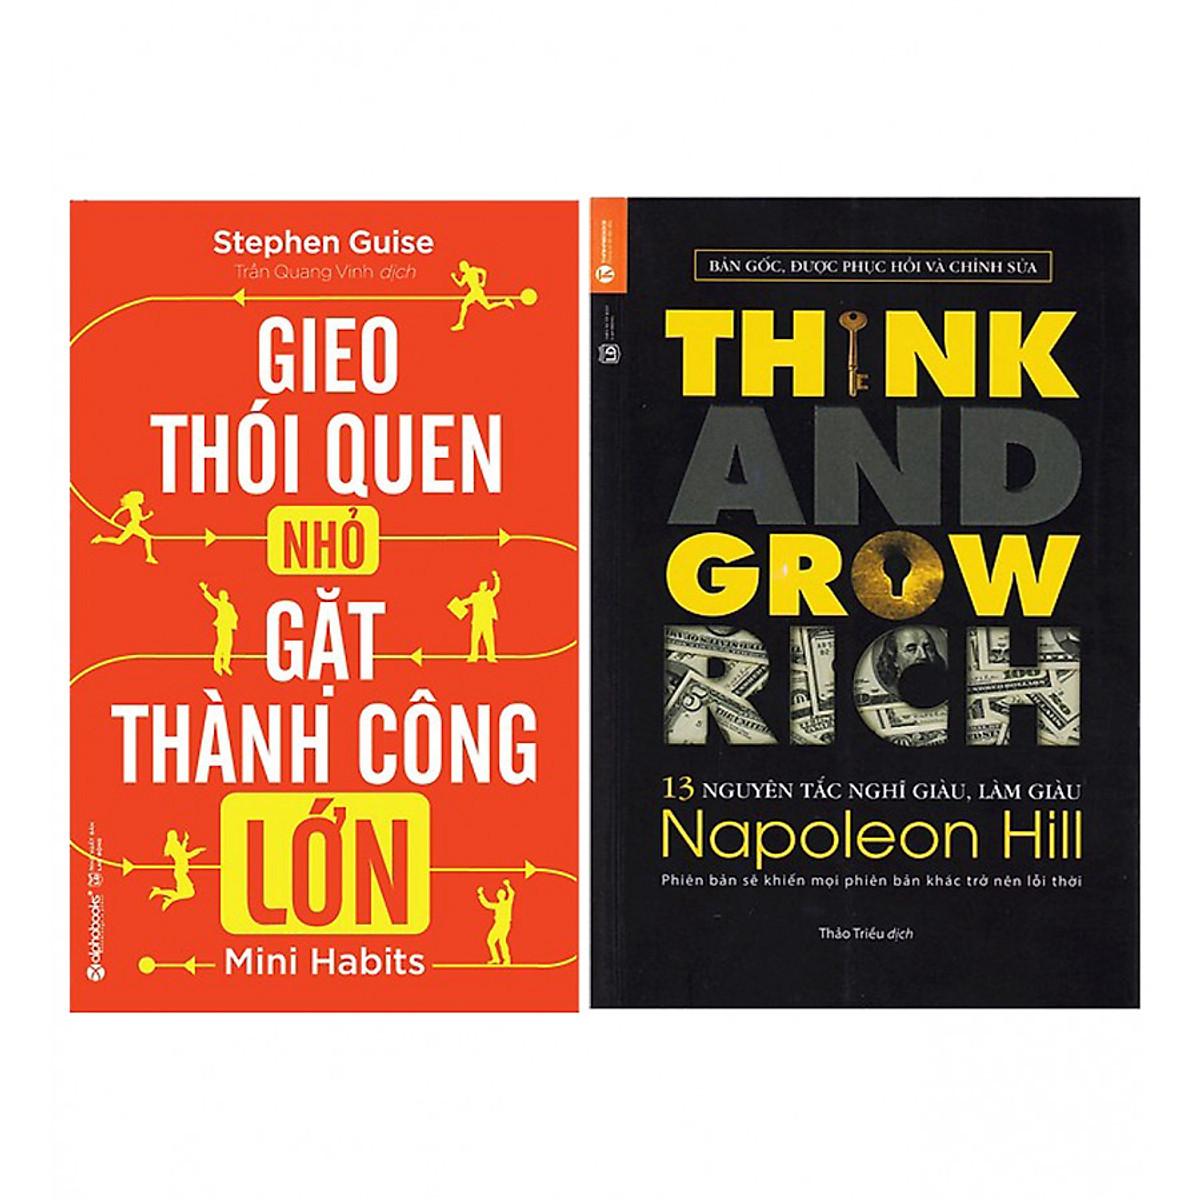 Hình đại diện sản phẩm Combo Gieo Thói Quen Nhỏ, Gặt Thành Công Lớn (Tái Bản 2018) + 13 Nguyên Tắc Nghĩ Giàu Làm Giàu - Think And Grow Rich (Tái Bản)